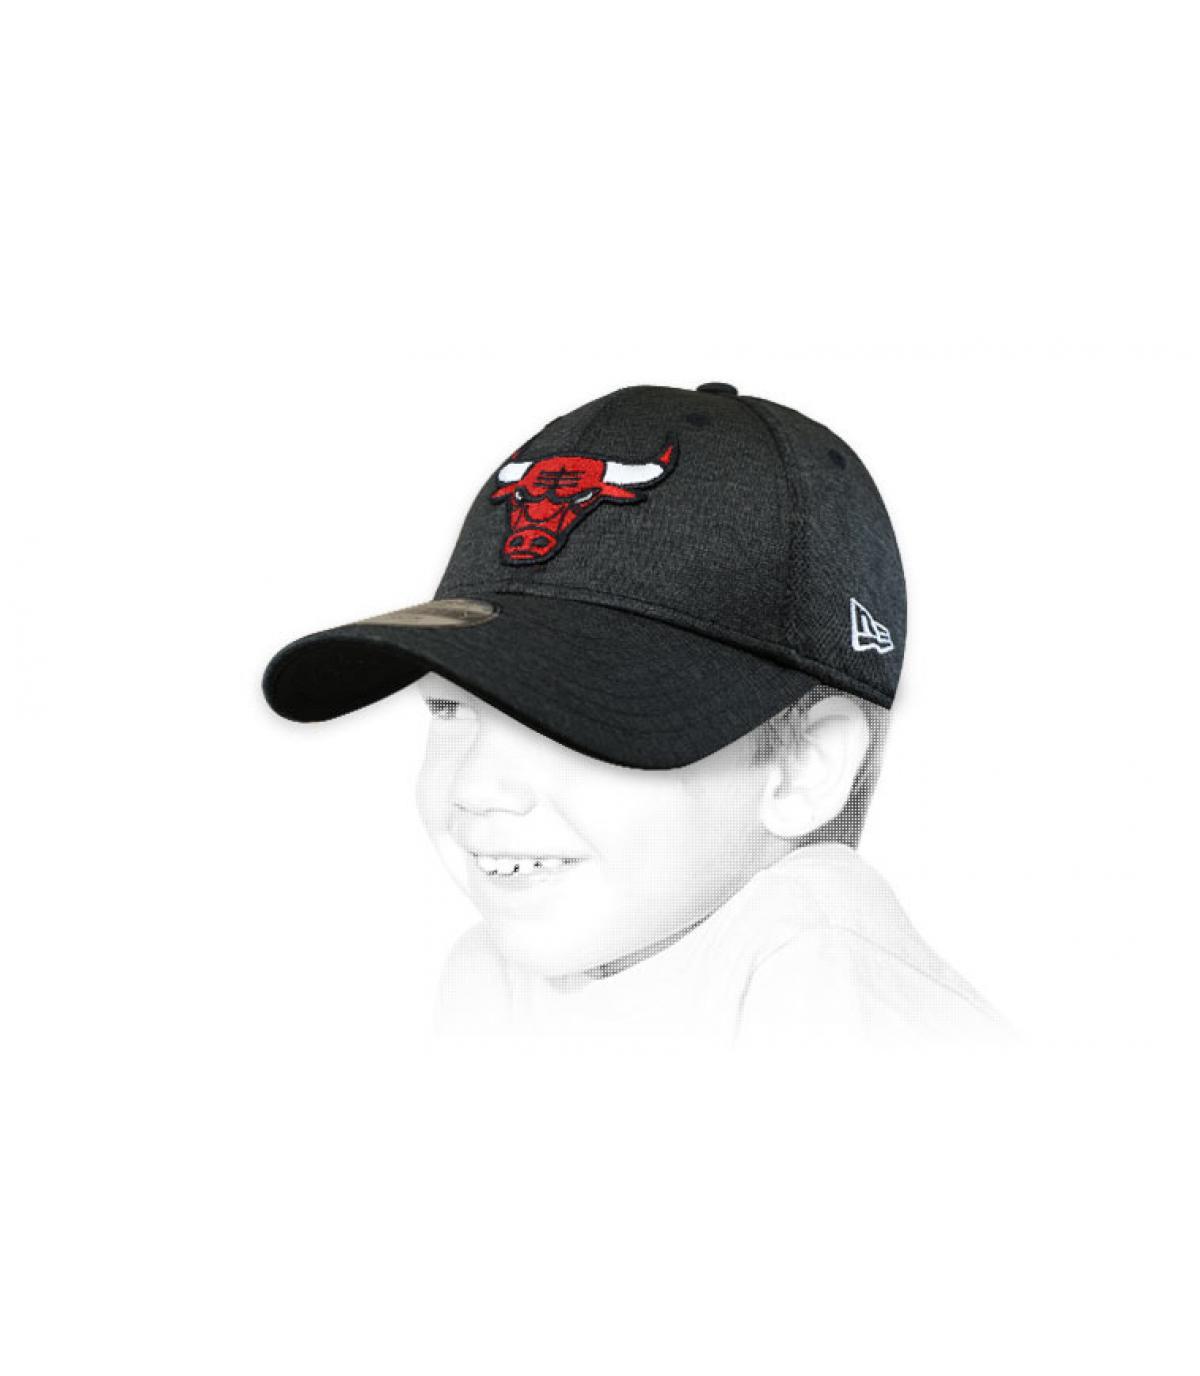 Cappellino bambino bulls nero